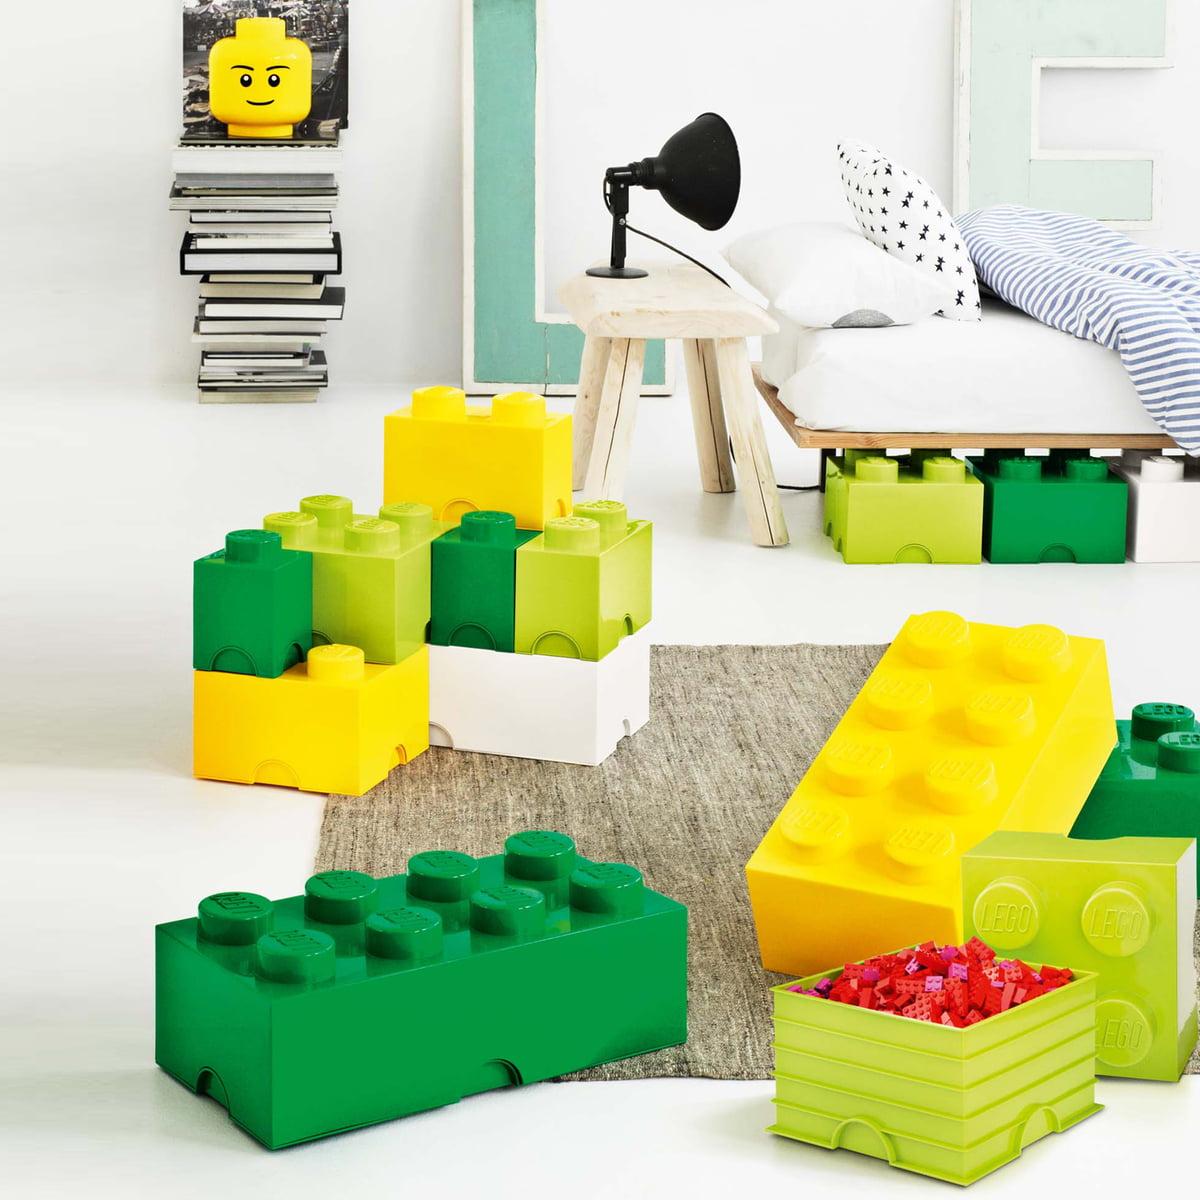 zabawki lego dla dzieci